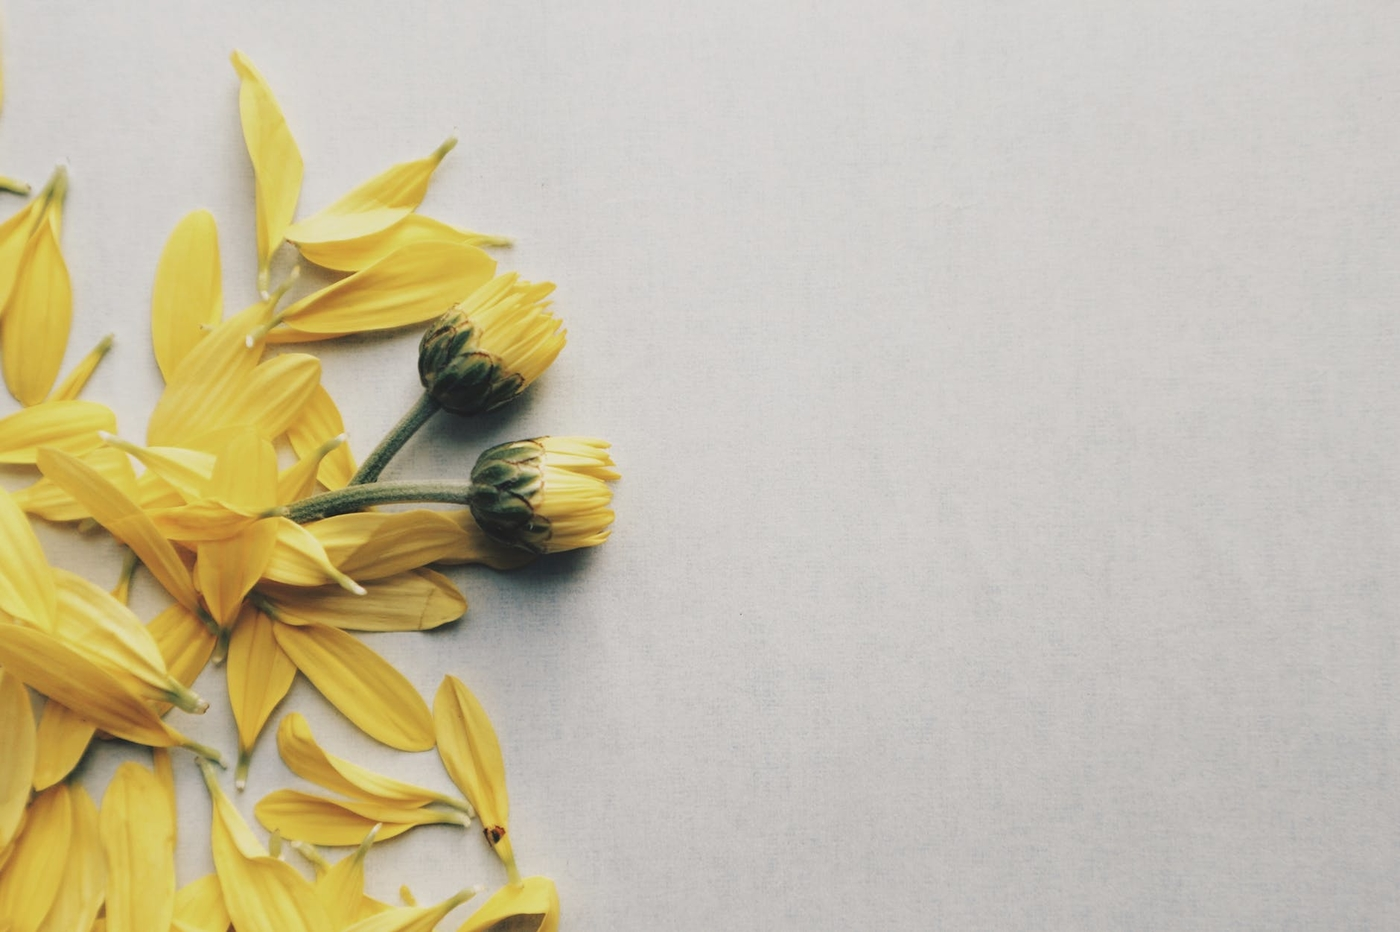 yellowflowerssmall.jpg